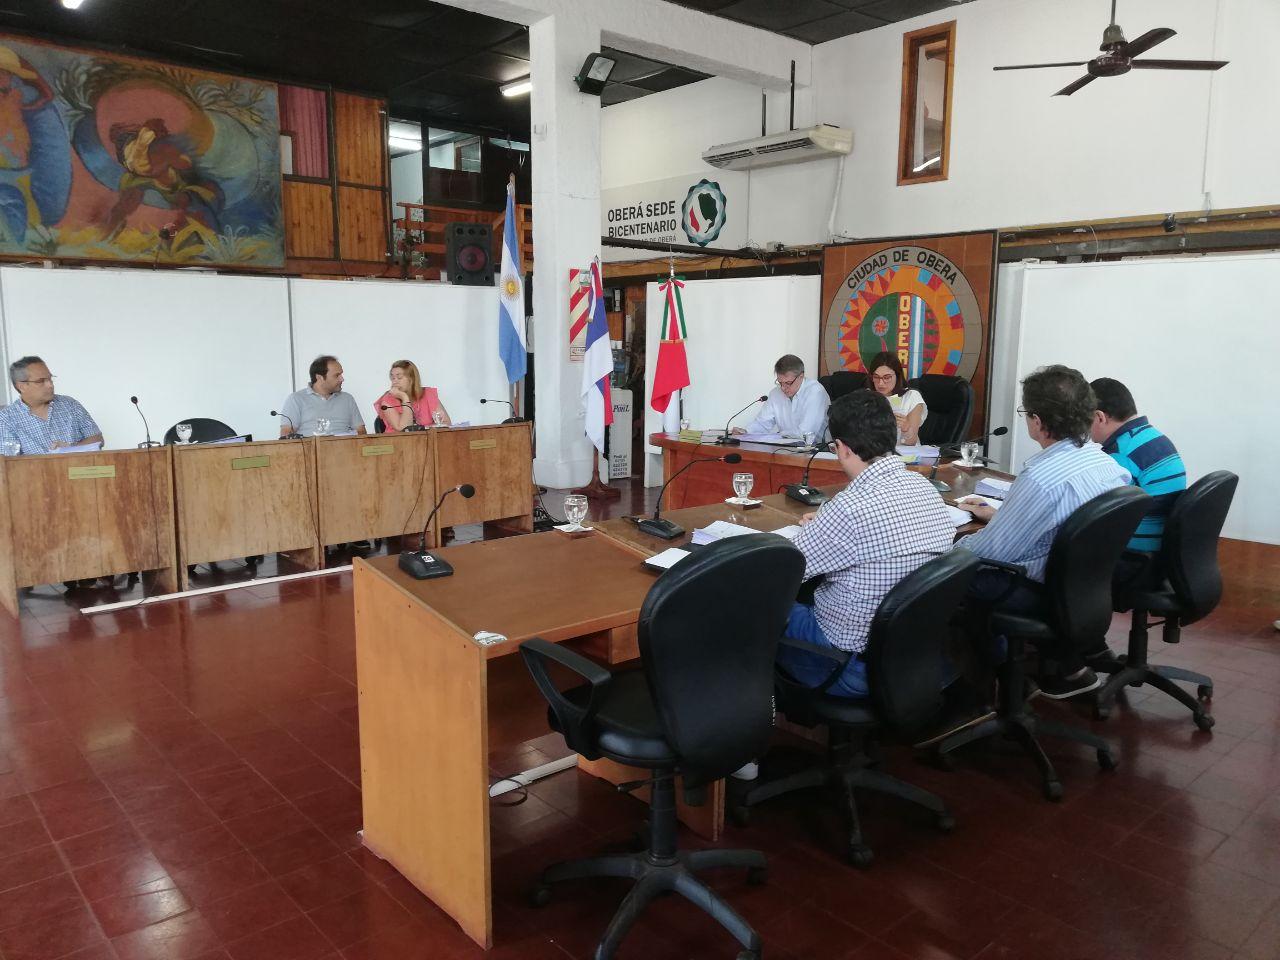 Ediles aprobaron el presupuesto 2020 de la Municipalidad de Oberá